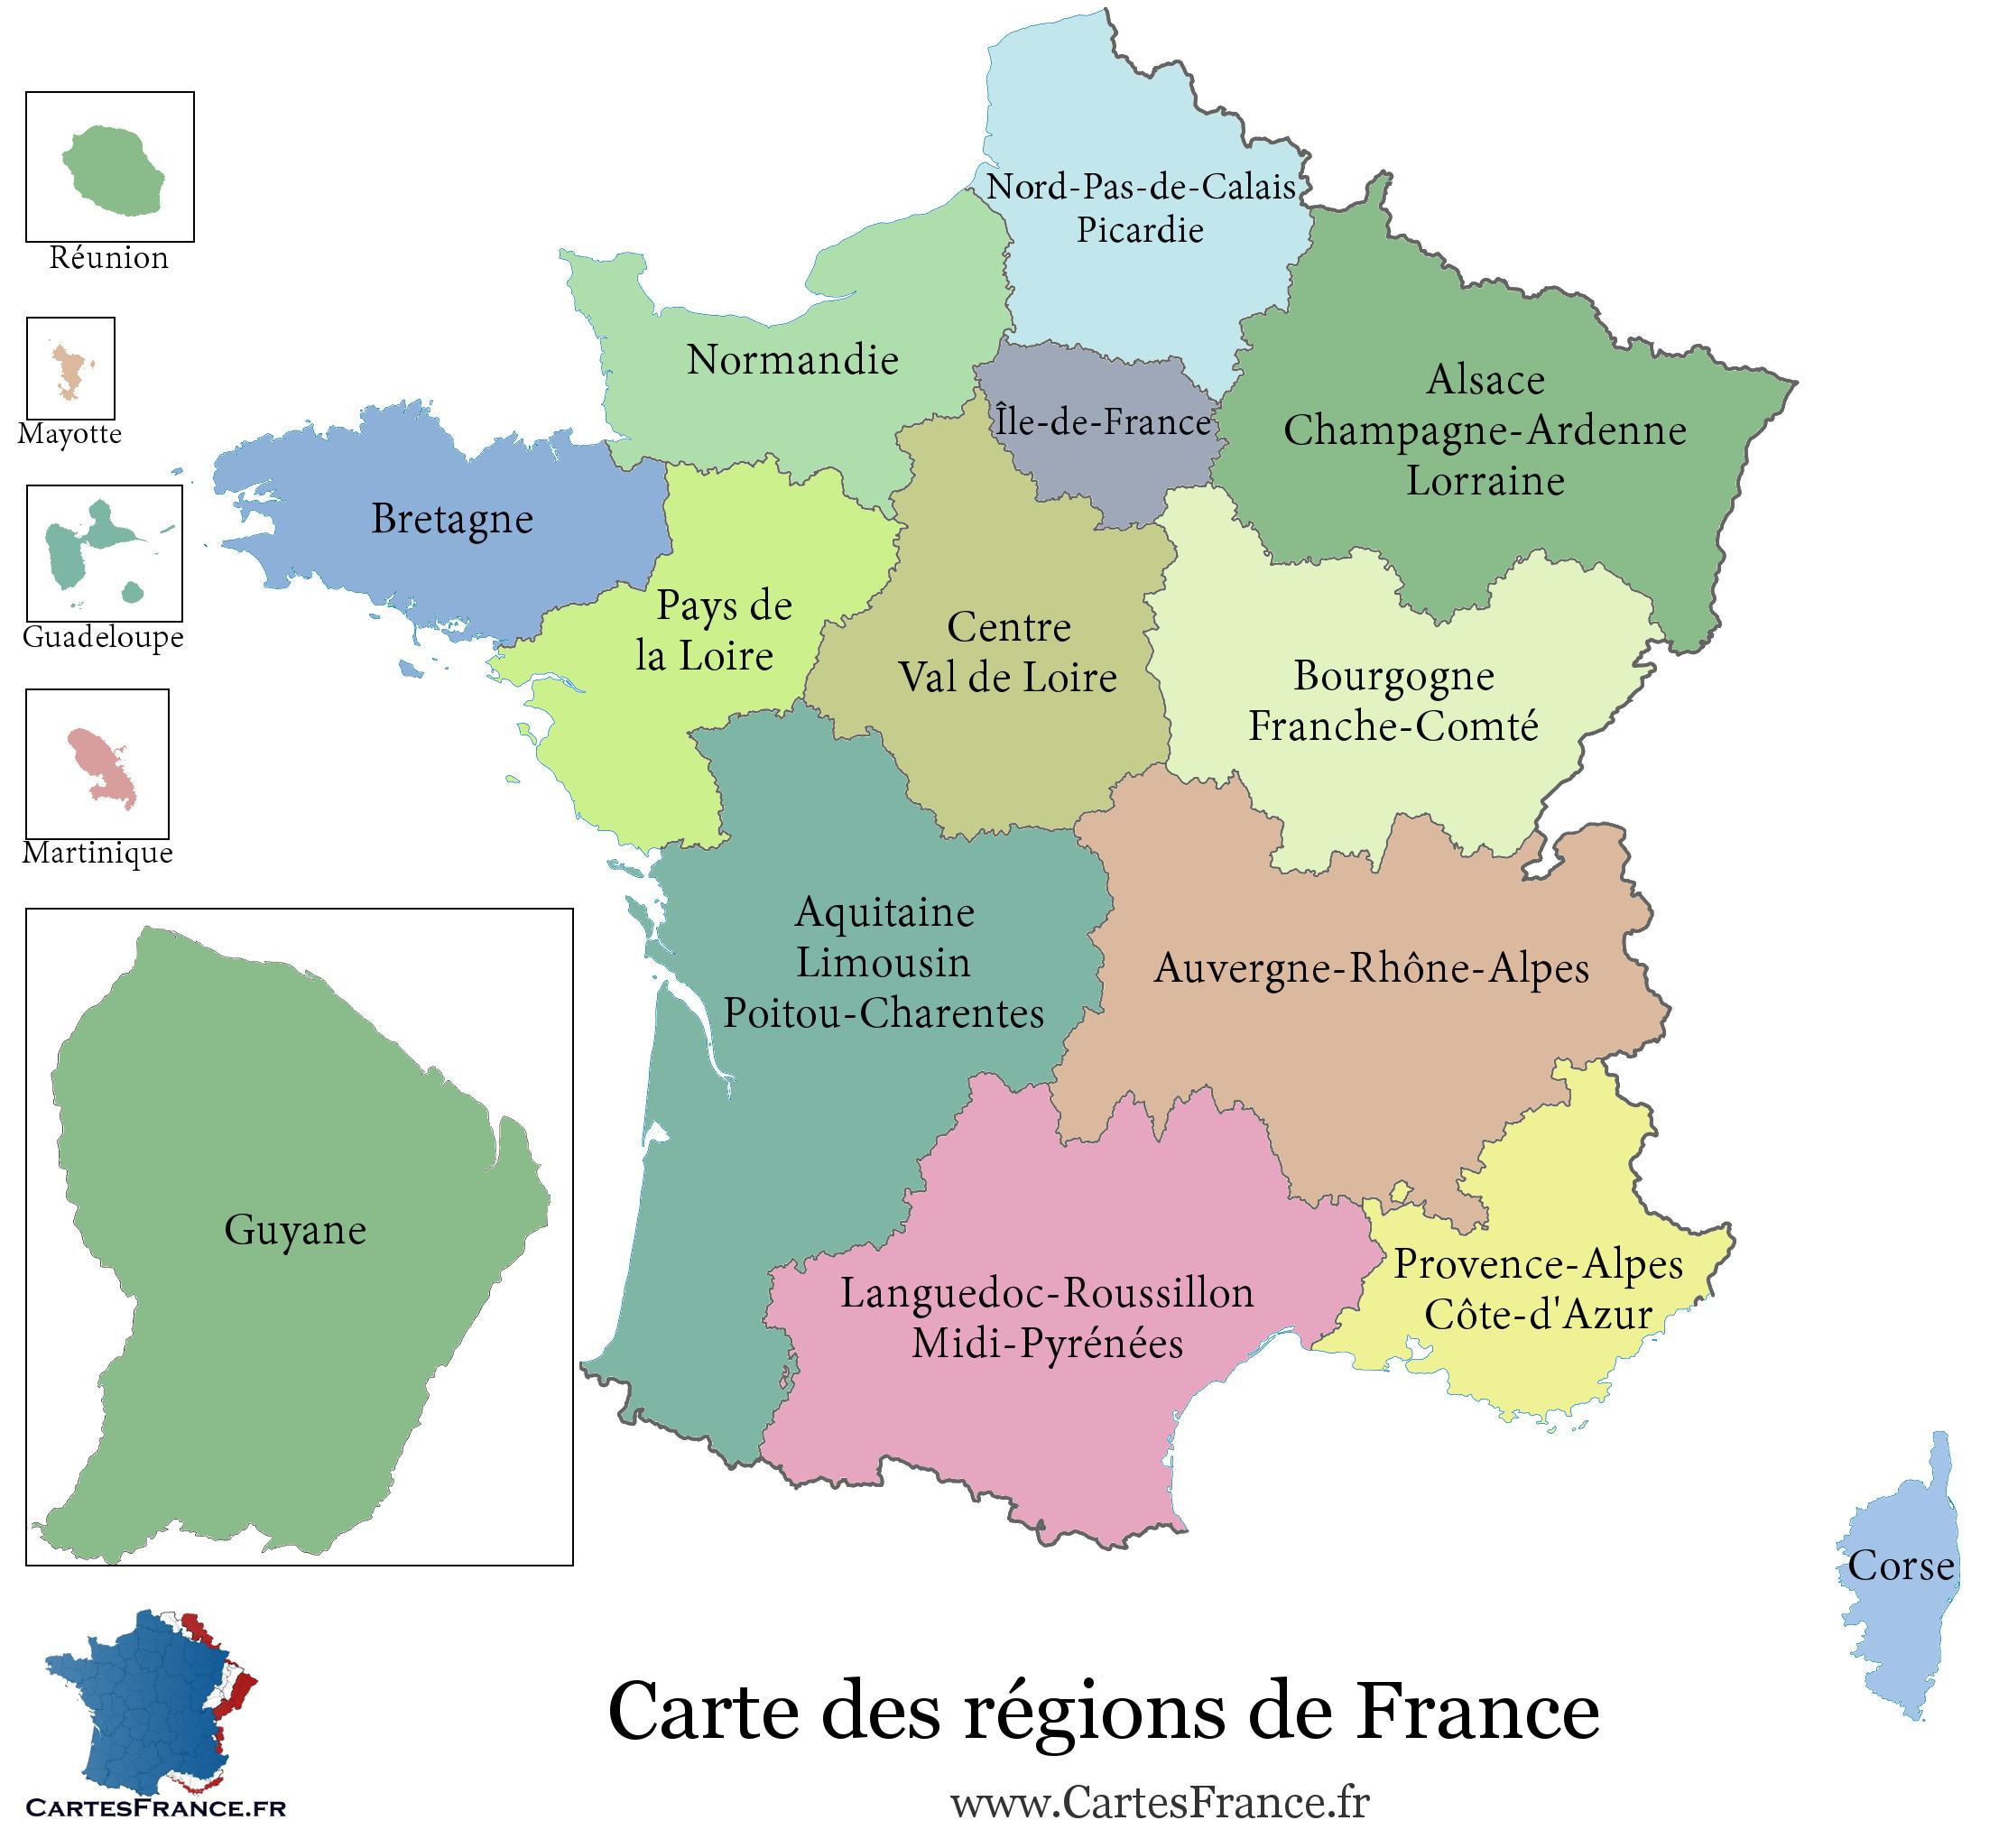 Carte De France Region - Carte Des Régions Françaises destiné Carte Des 22 Régions